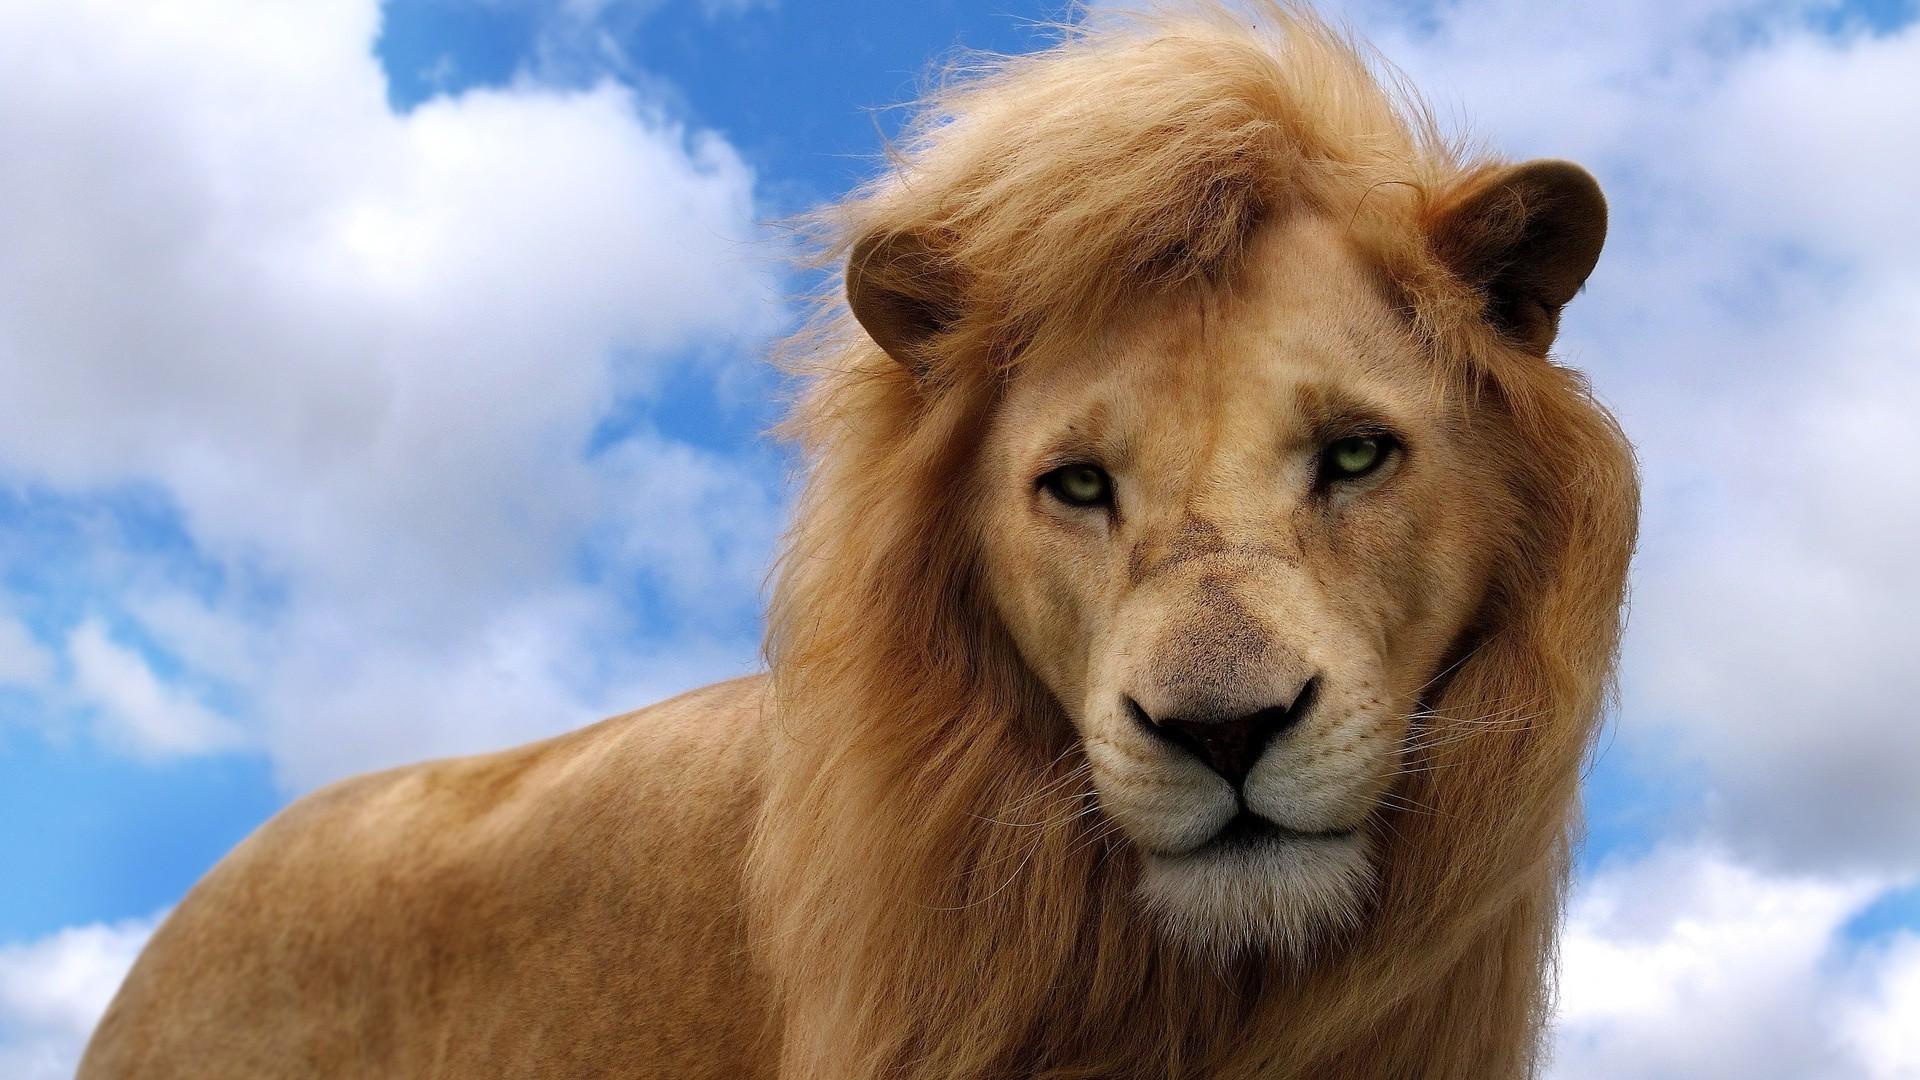 Фото высокого качества львы на фон телефона нужен